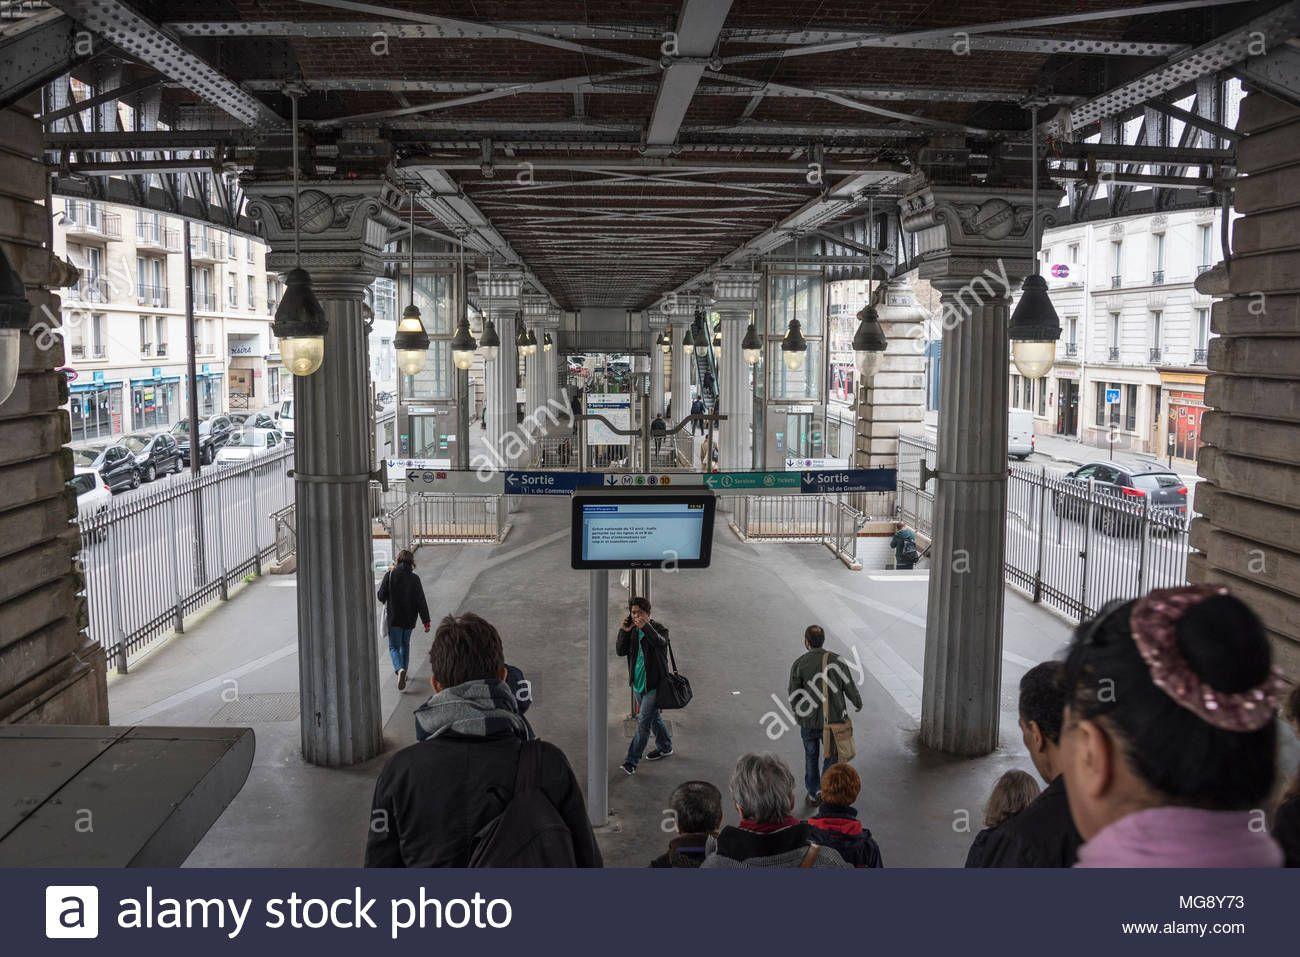 Resultat De Recherche D Images Pour Photo Du Metro La Motte Picquet Grenelle Metro Photos Images